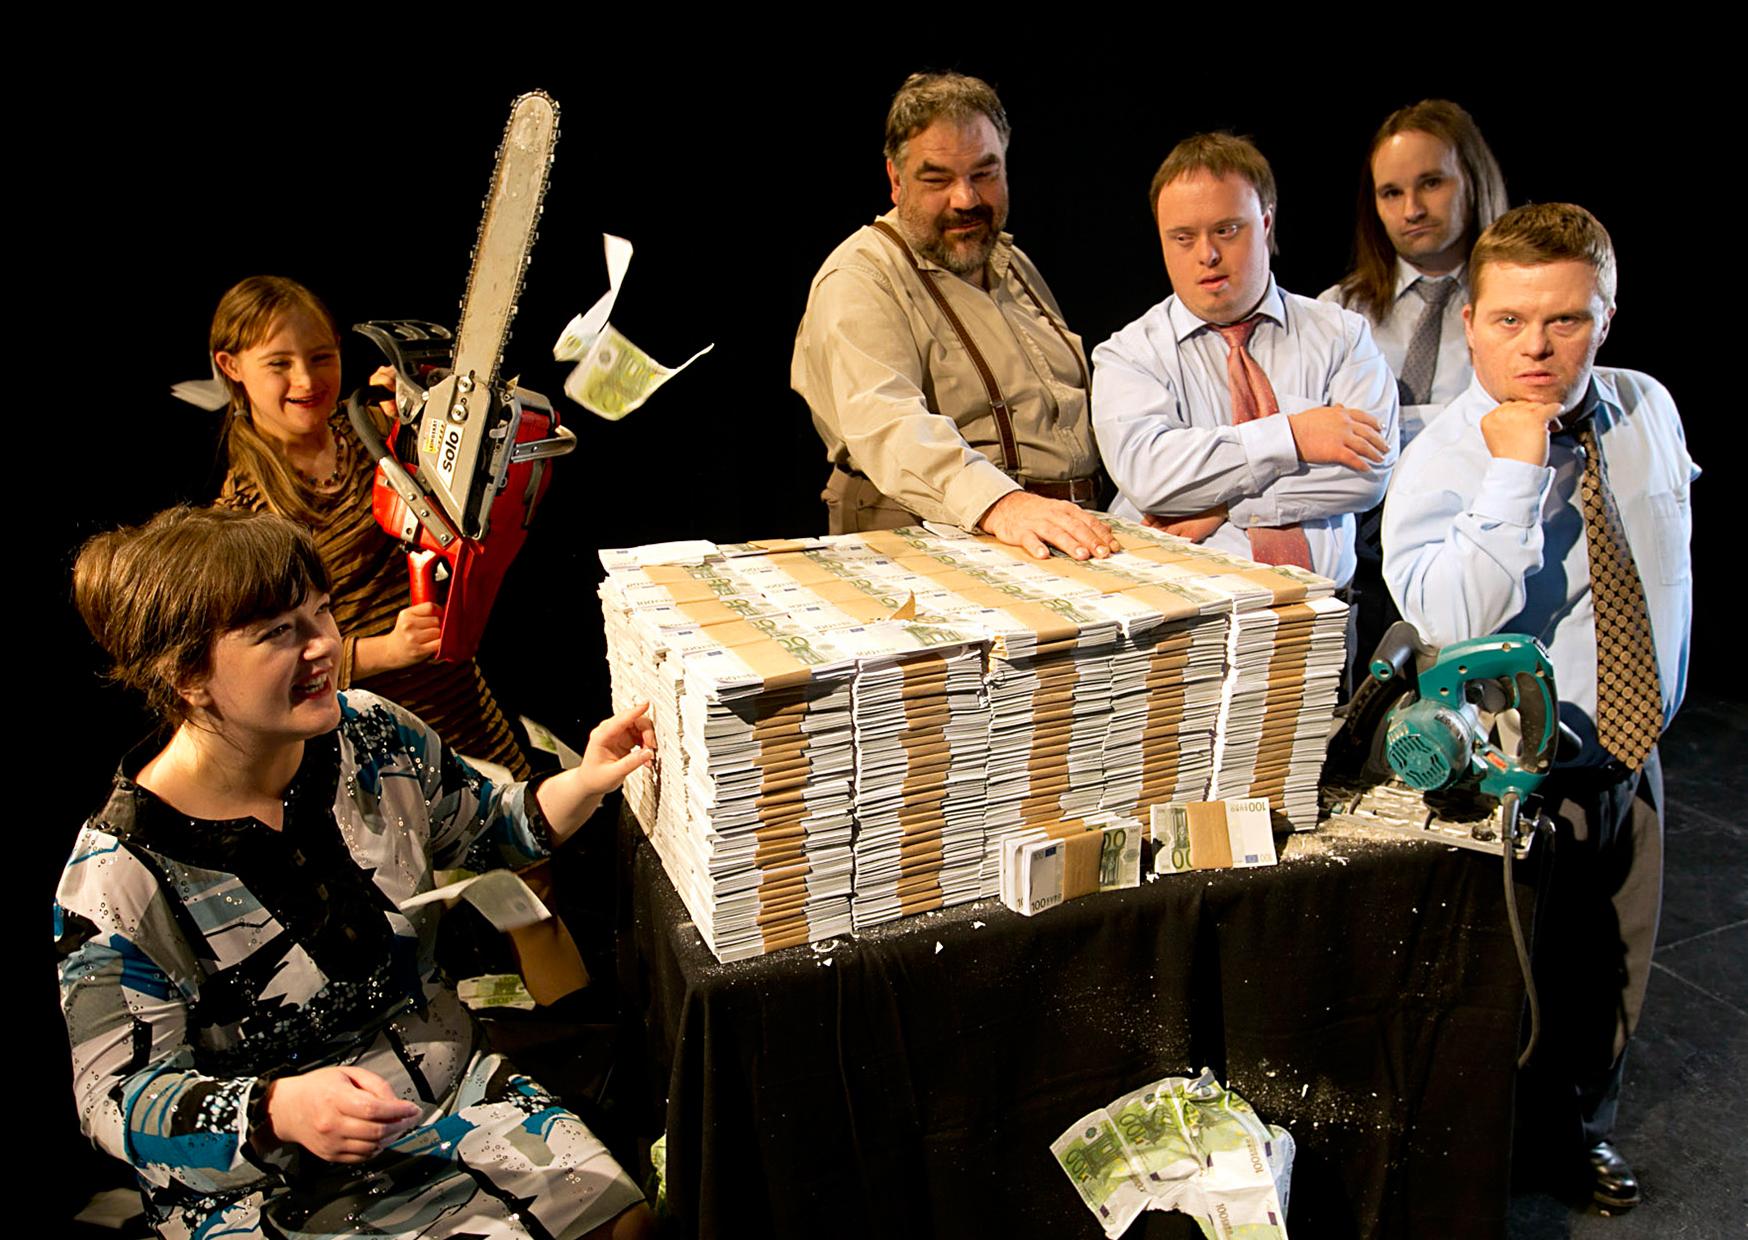 25 Jahre Theater Thikwa: Das Thikwa-Ensemble feiert seine Erfolgsgeschichte - Foto: David Baltzer/bildbuehne.de